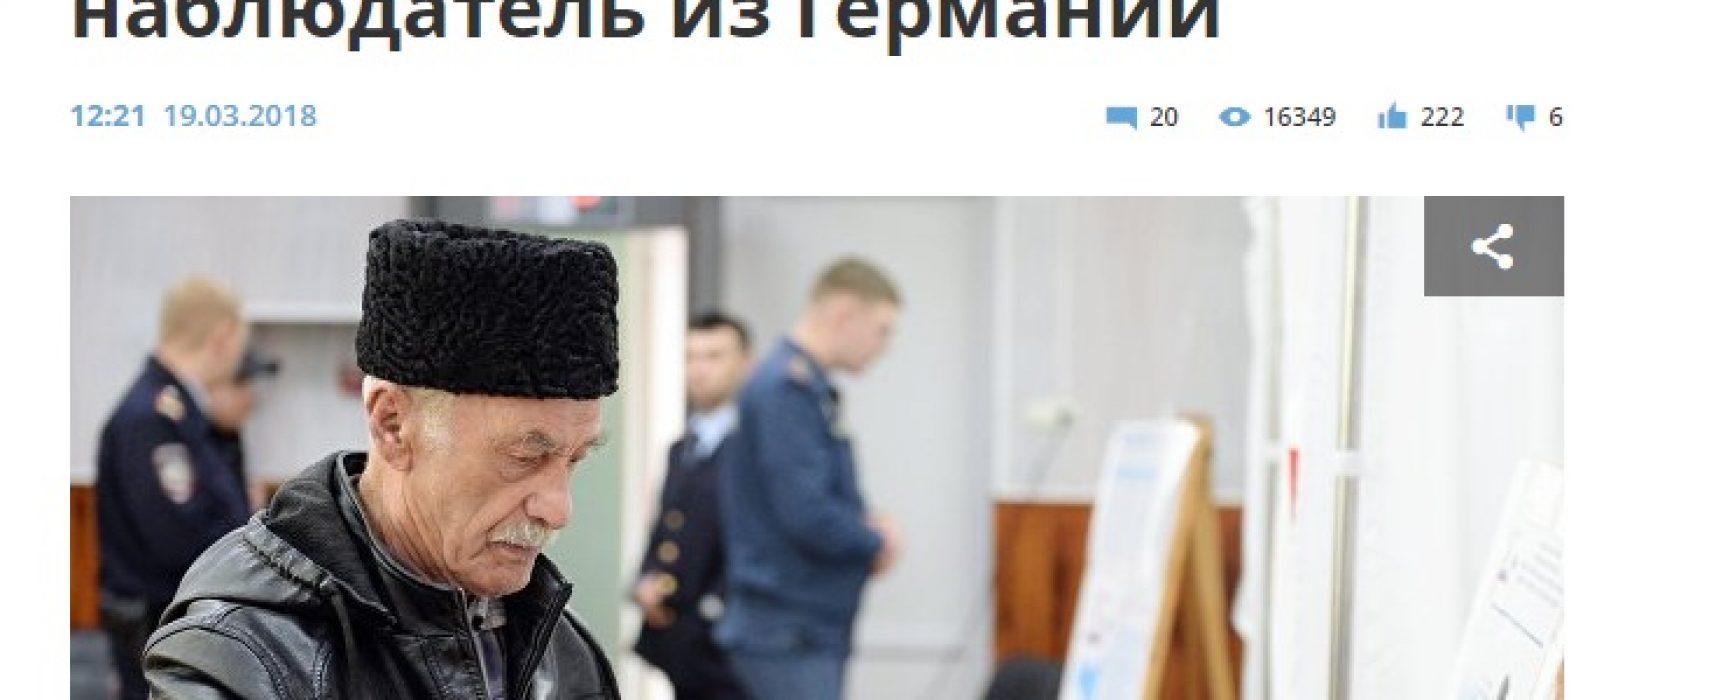 Фейк: выборы президента России в Крыму подтвердили «референдум» 2014 года